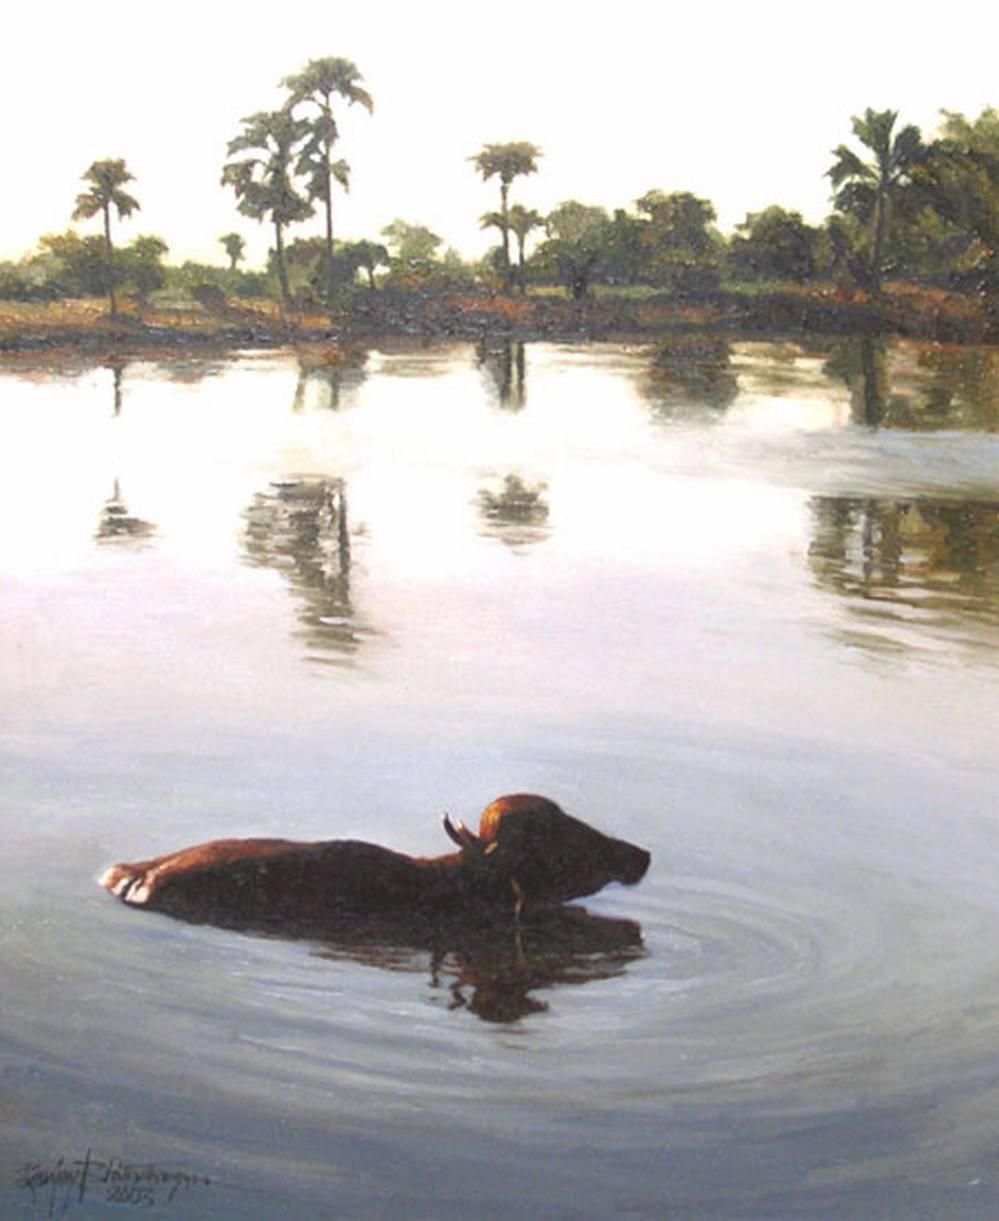 Sanjay Bhattacharya buffalo in water